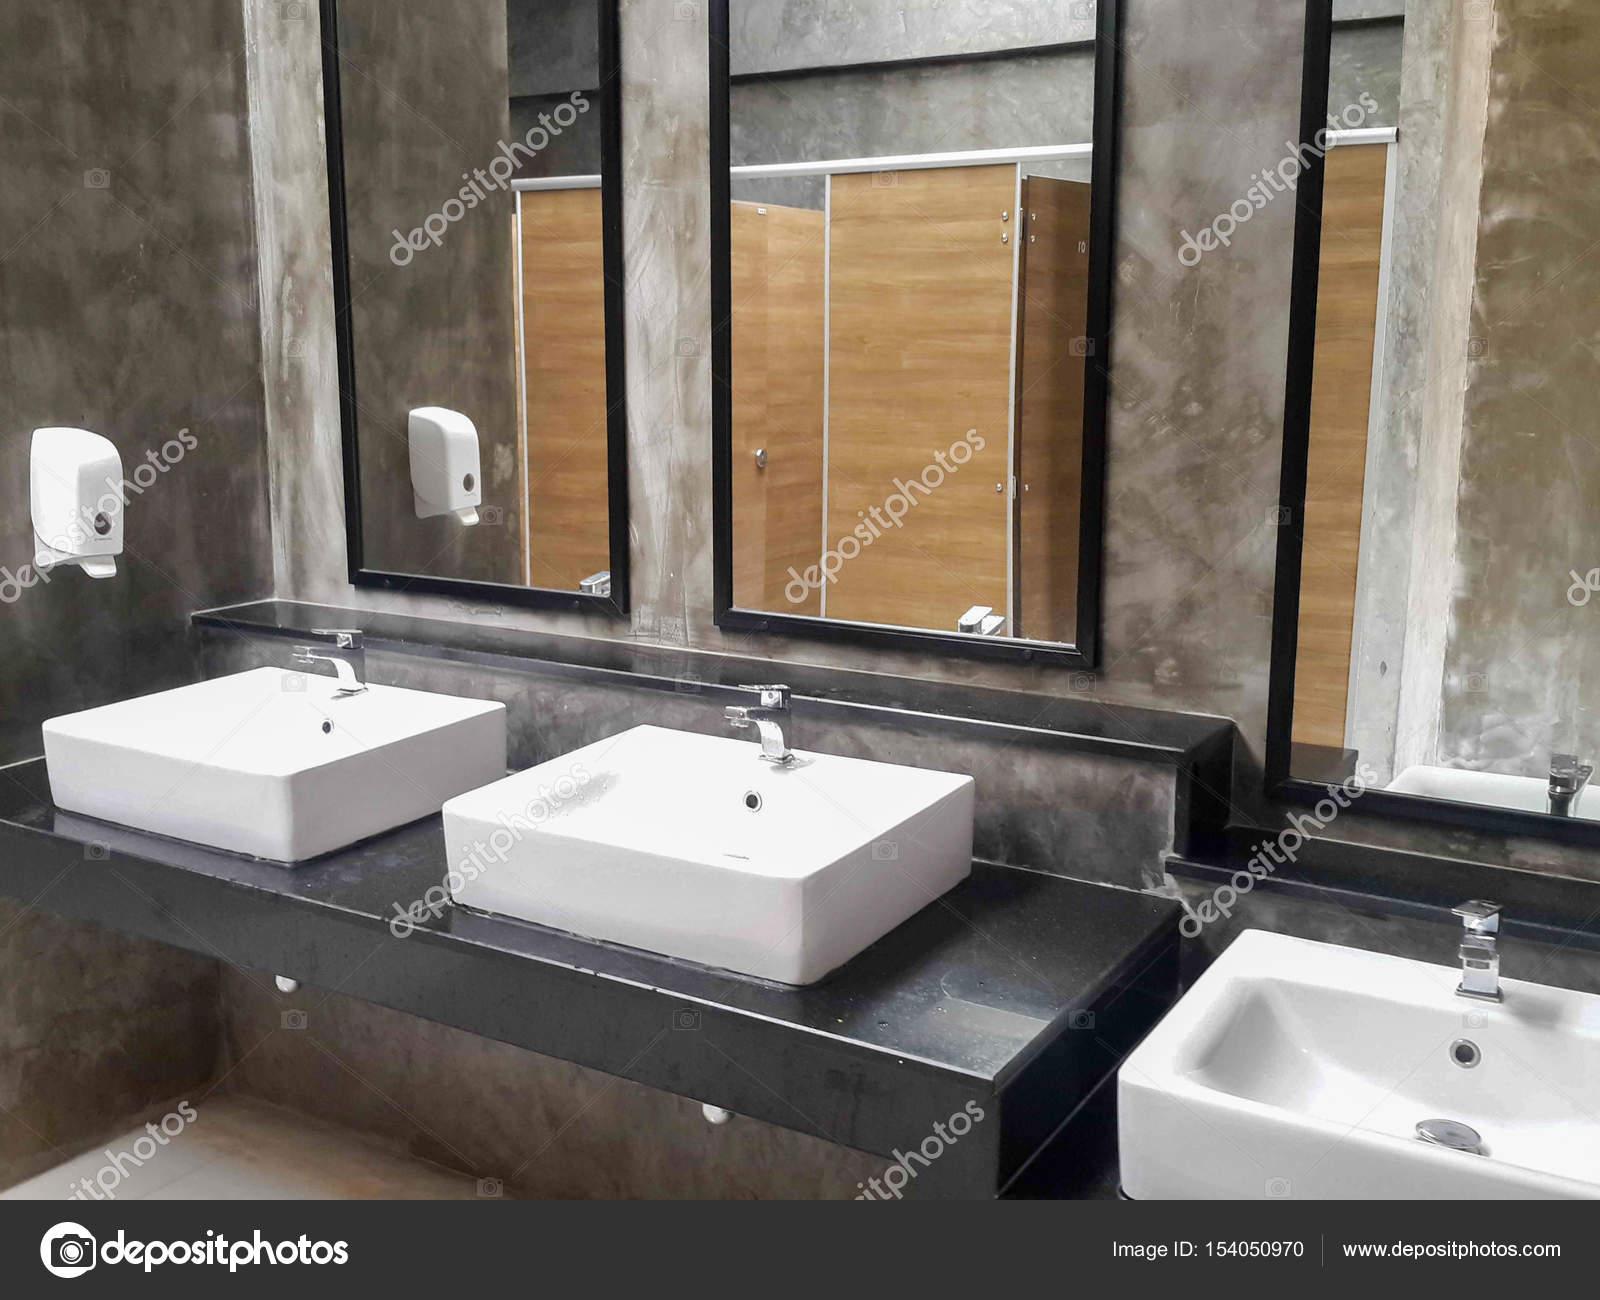 Salle De Bains Commerciale Pour Le Lavage Des Mains Photographie